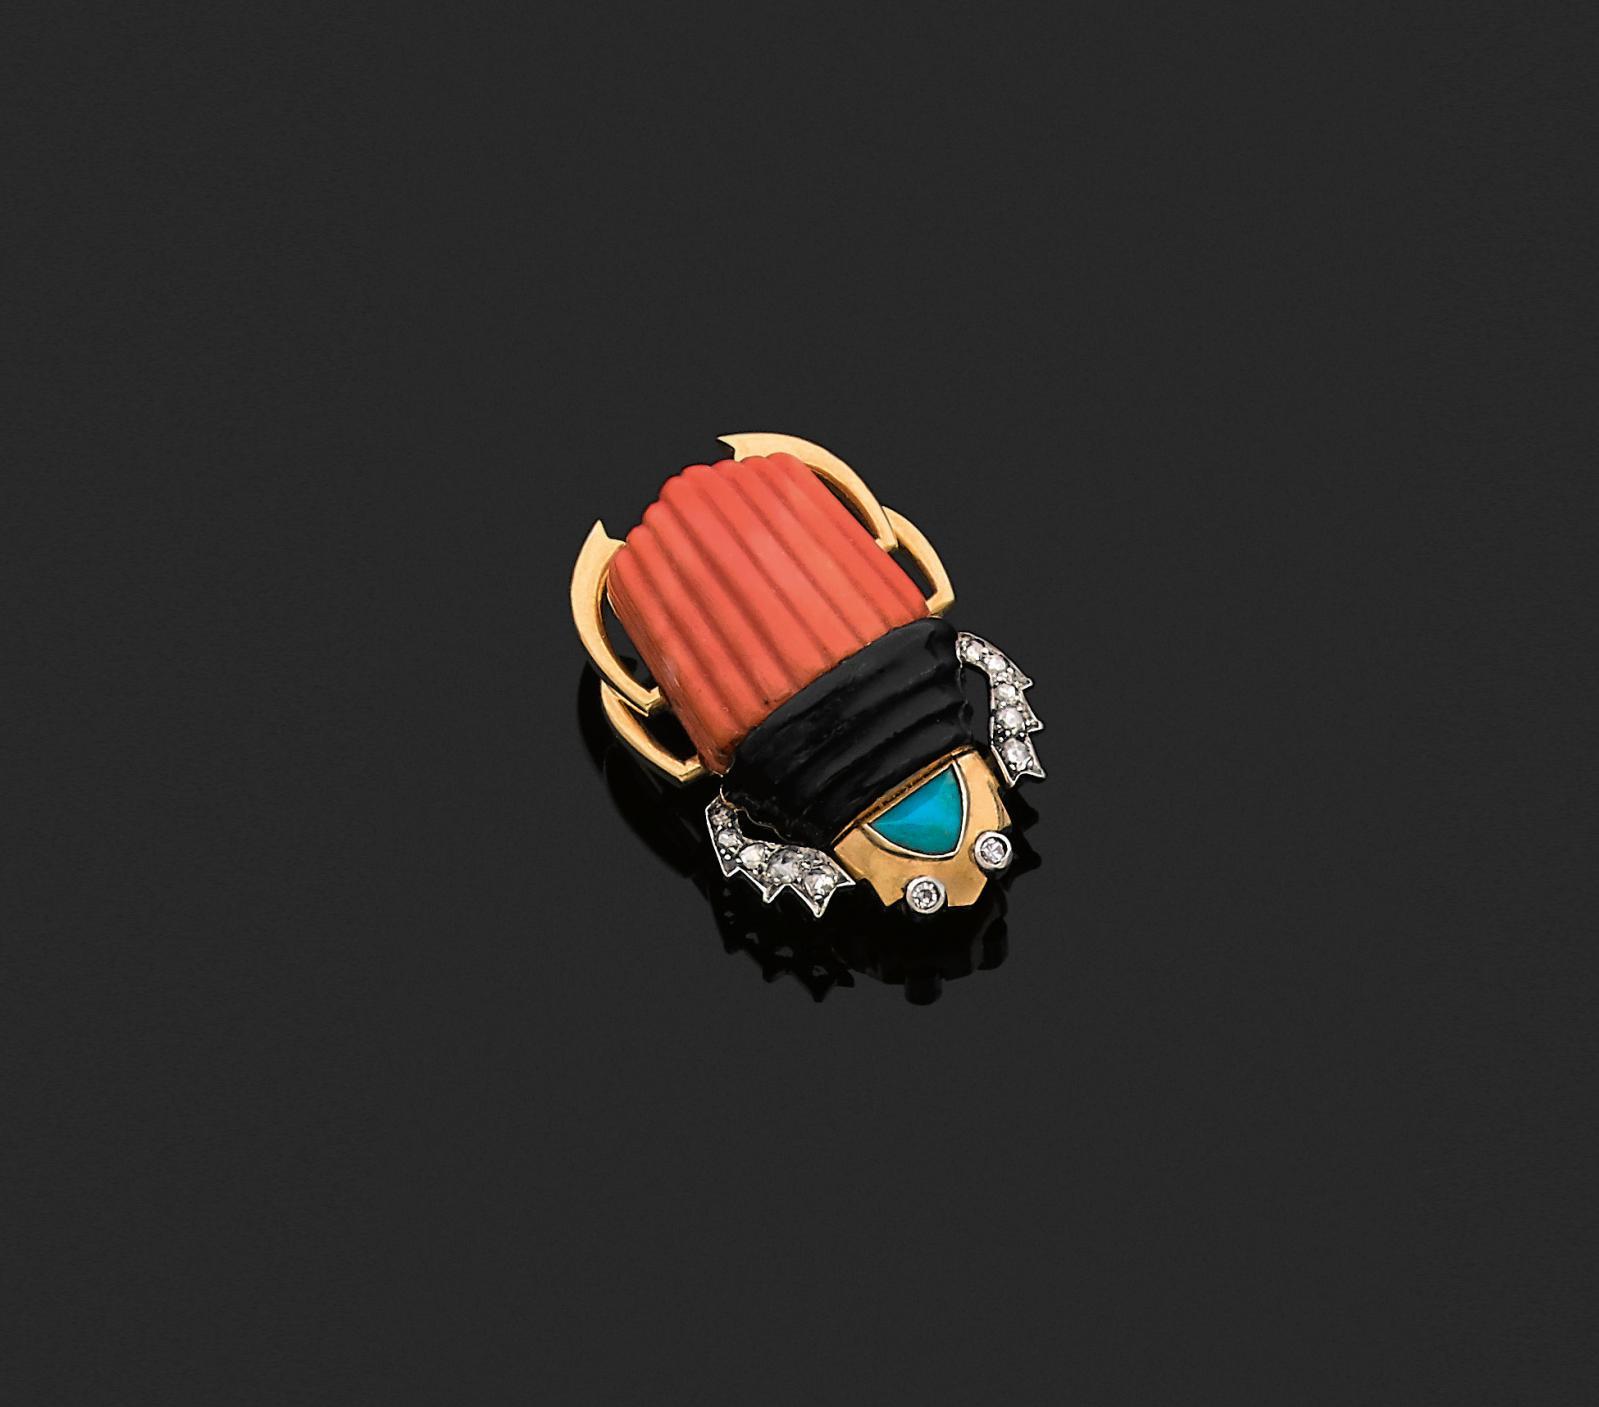 Cartier, vers 1935. Clip de corsage en or jaune et platine, le corps constitué d'un corail gravé et émaillé noir, ornementations d'un cabochon de turq